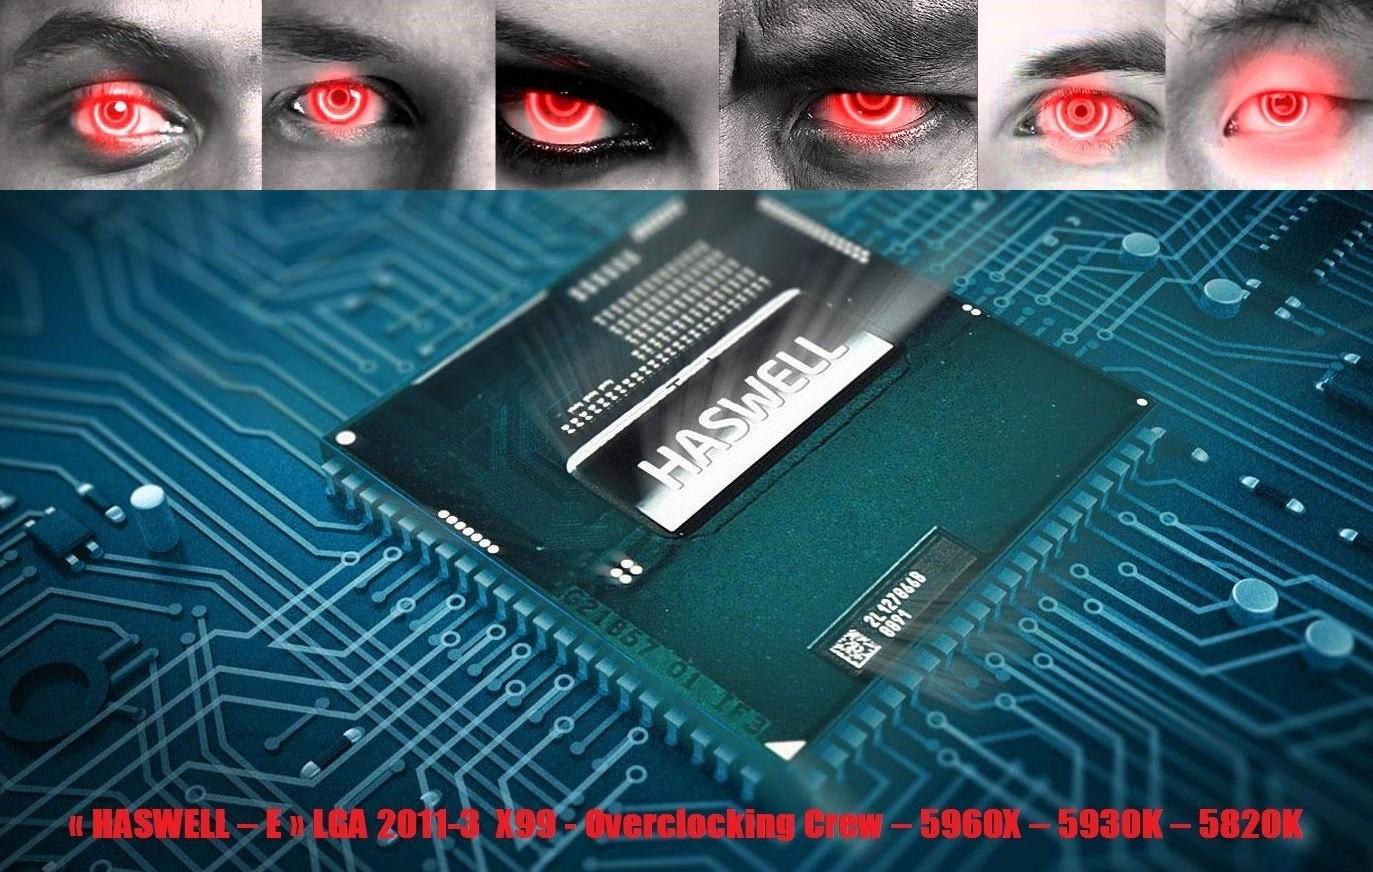 http://imagizer.imageshack.us/v2/xq90/673/7SMZ1N.jpg